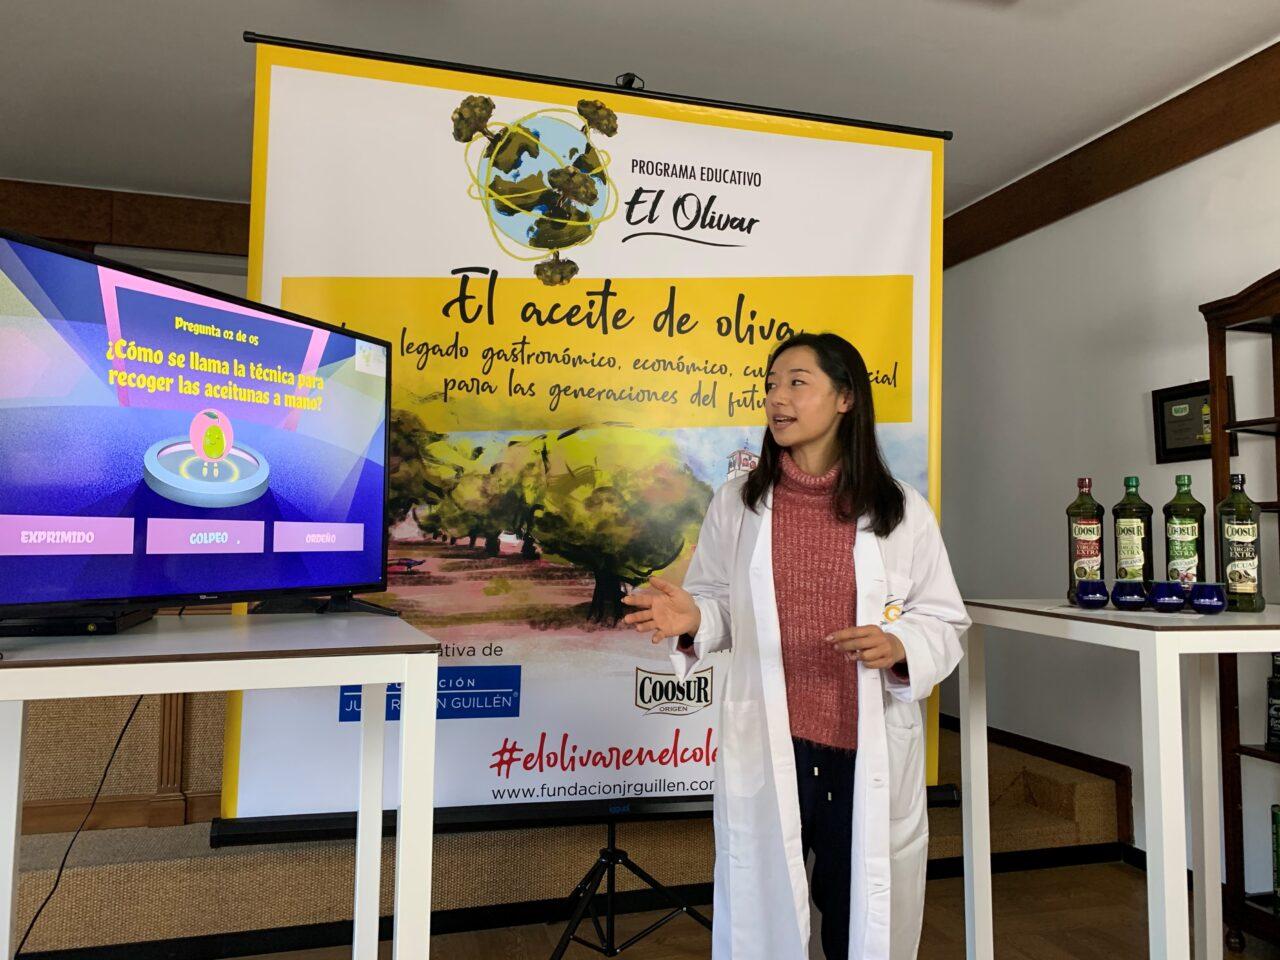 Escolares de Valenzuela (Córdoba) participan en la primera cata de aceite de oliva online del programa educativo El Olivar